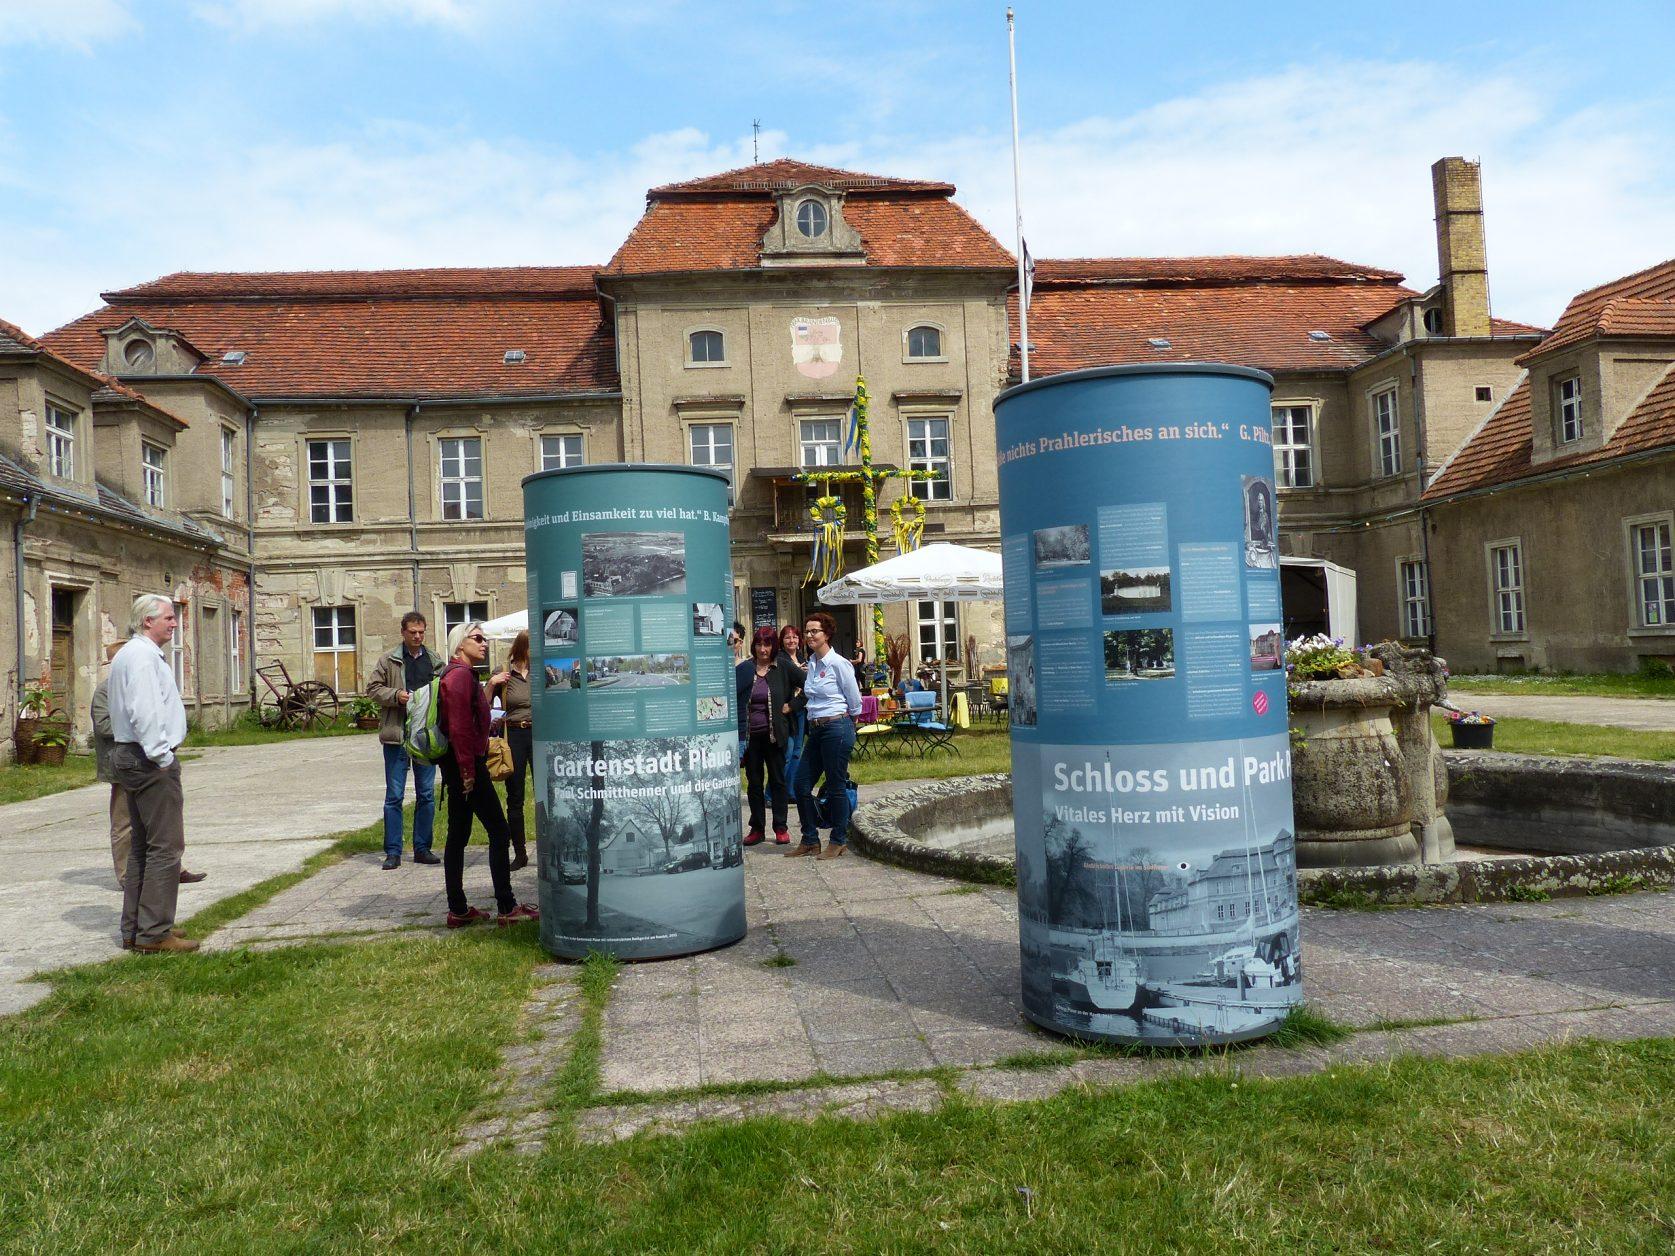 Besuch auf Schloss Plaue im Rahmen einer Kulturland - Exkursion, Foto: Weirauch